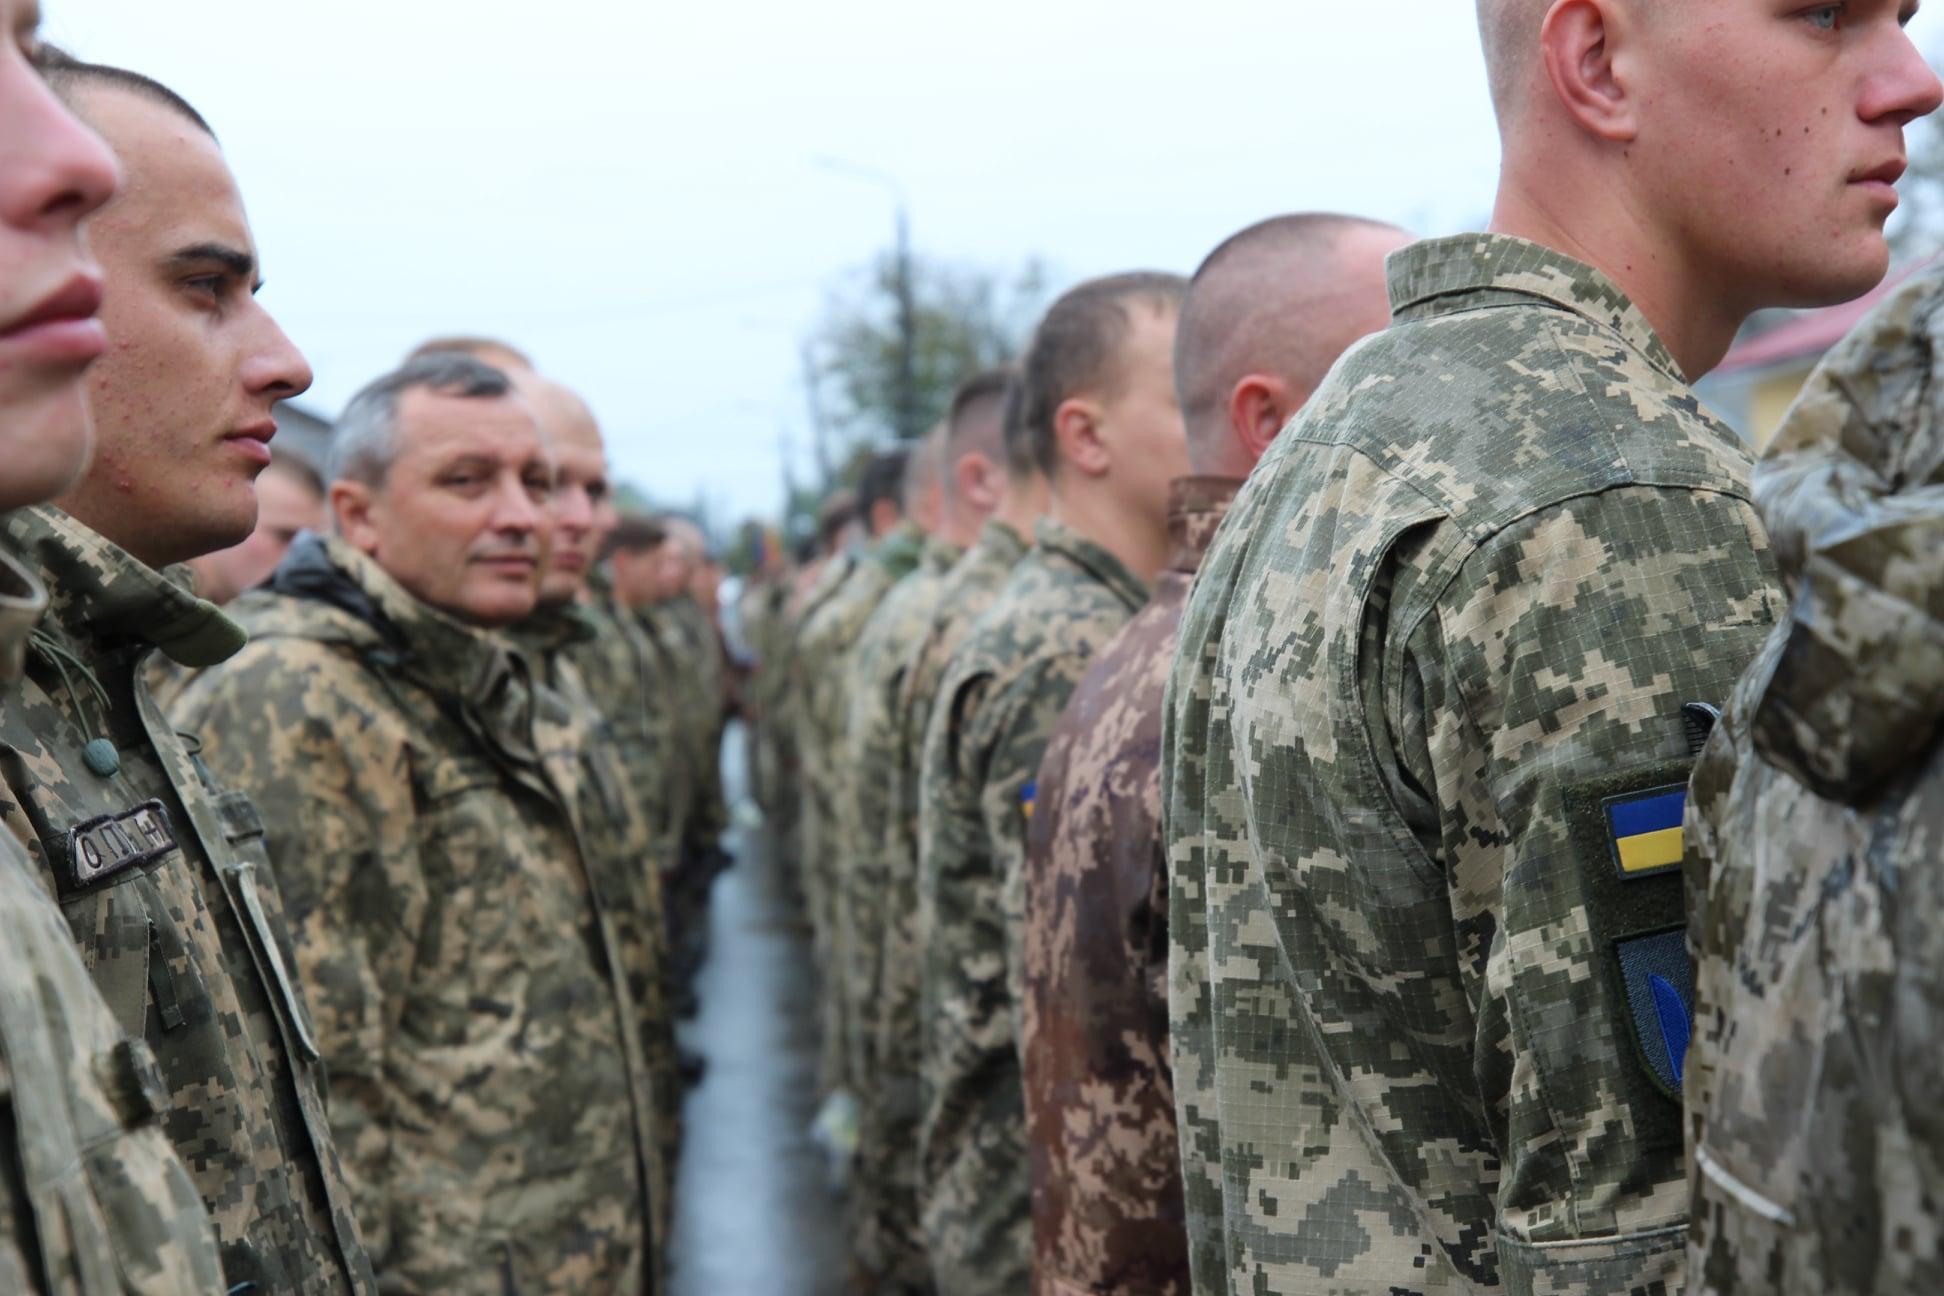 П'ять років гордості і слави: у Коломиї відсвяткували річницю створення 10 гірсько-штурмової бригади (ФОТО, ВІДЕО)